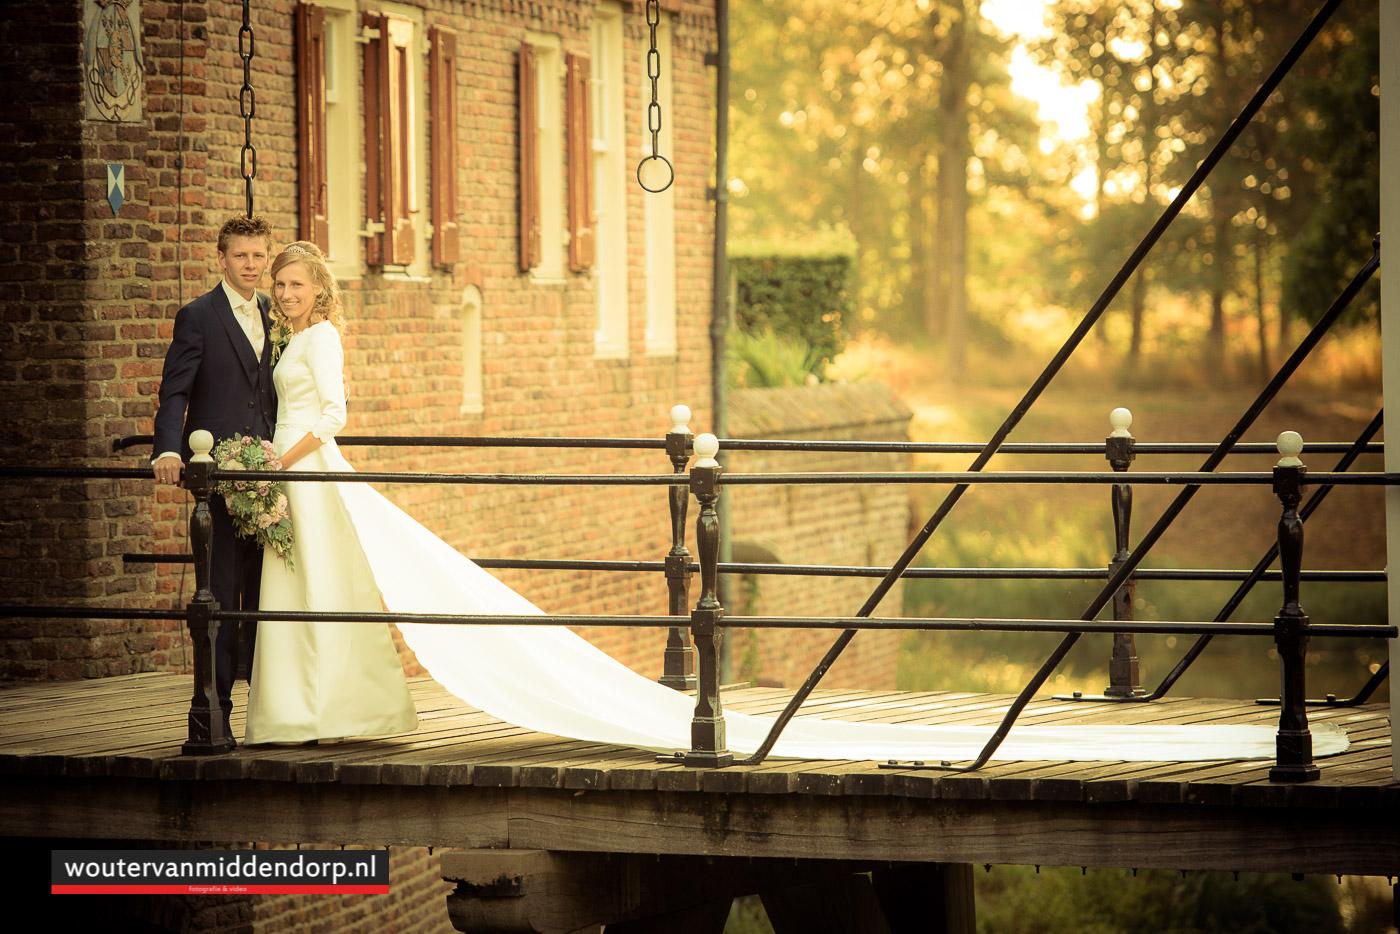 bruidsfotografie Wouter van Middendorp Uddel, Harskamp, Lunteren, Barneveld, fotograaf-12